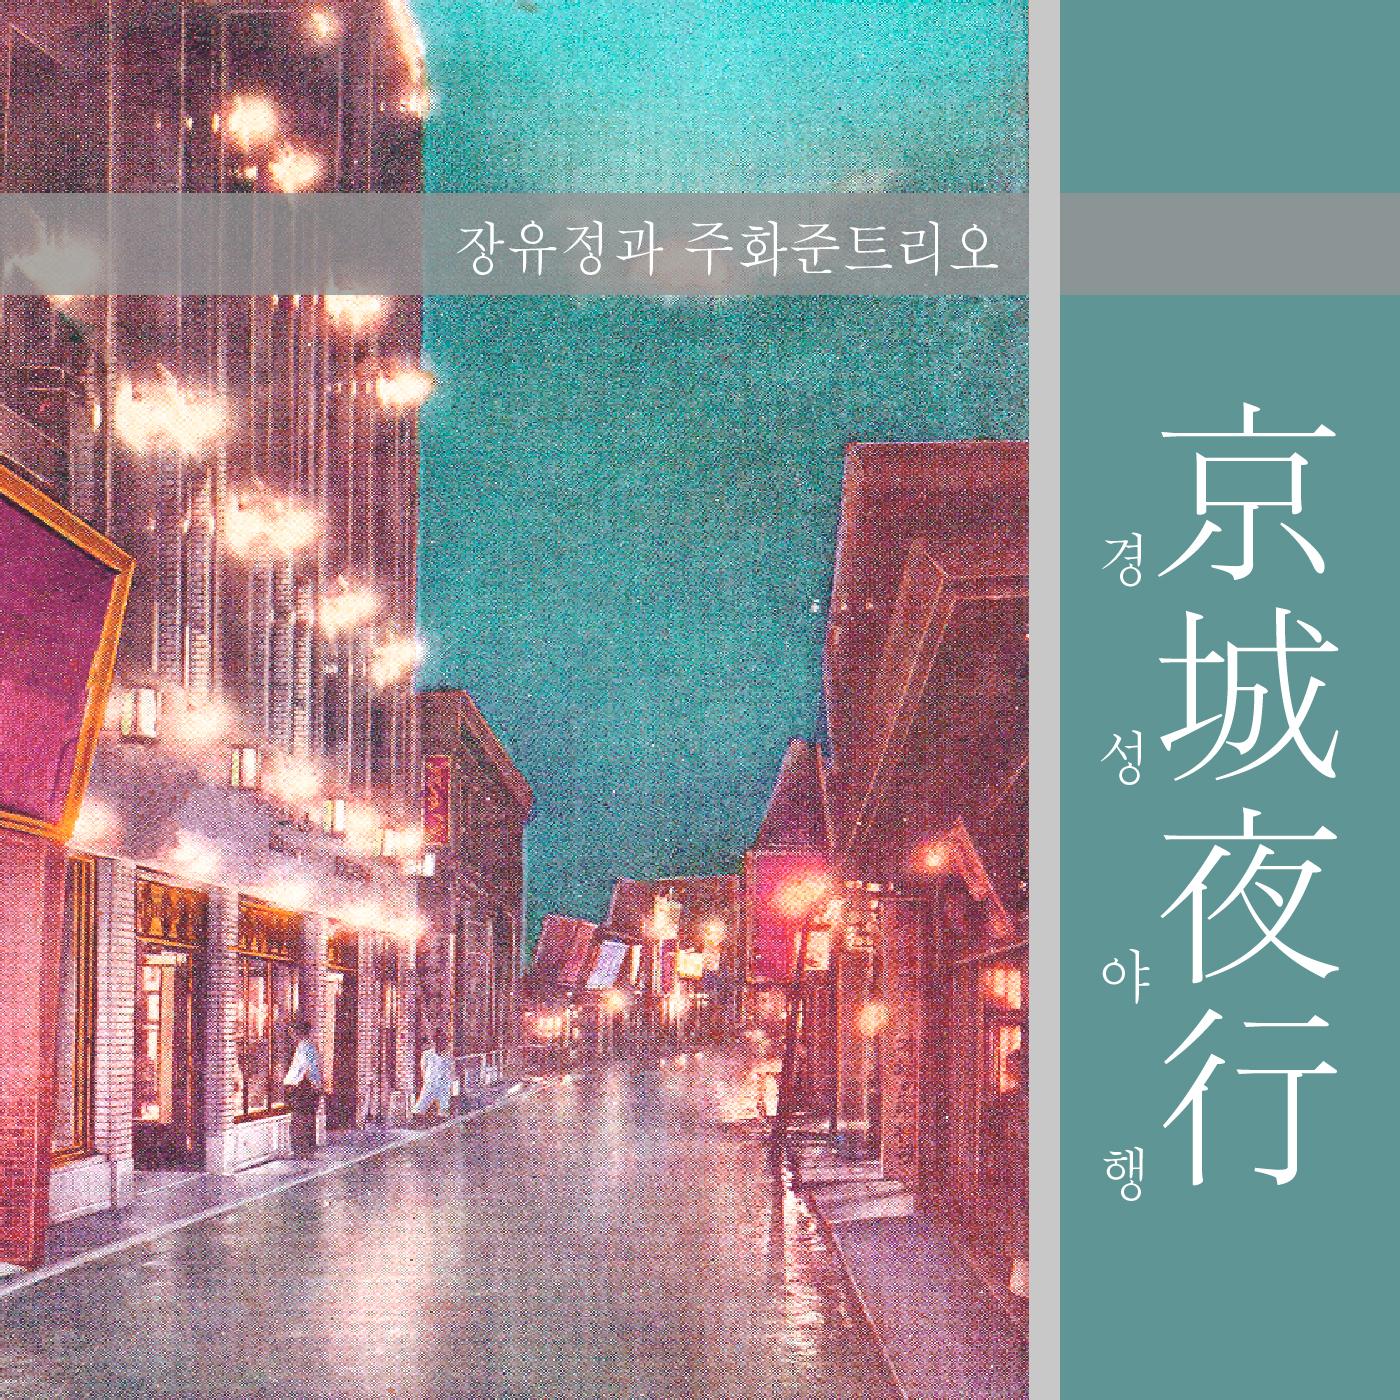 '장유정과 주화준트리오의 경성야행' 음반과 렉처콘서트